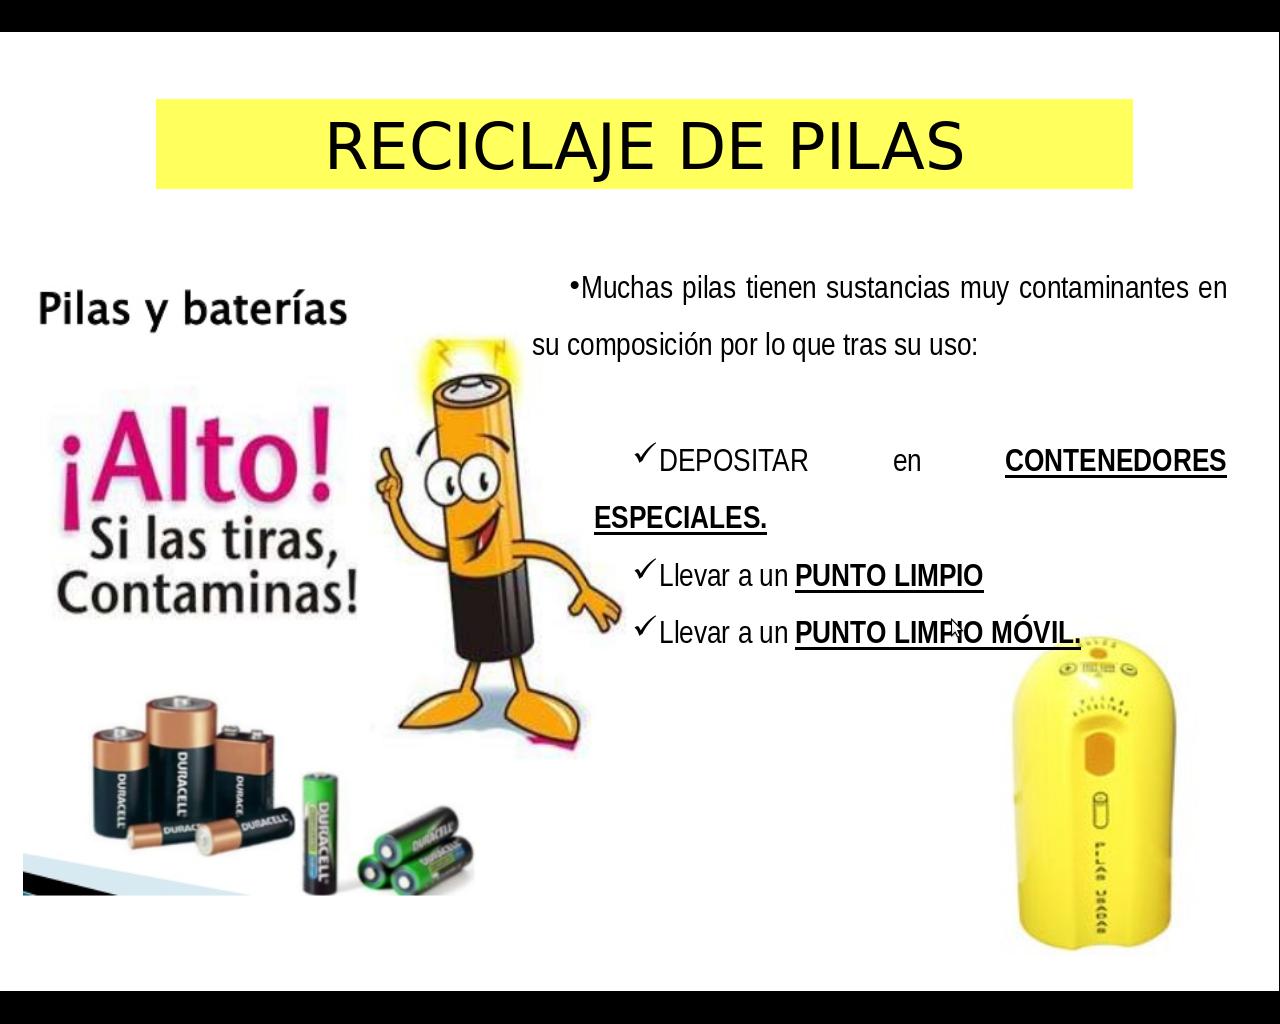 Pin De Paloma Coma En Depende De Nosotros Pilas Y Baterias Contaminantes Contenedores